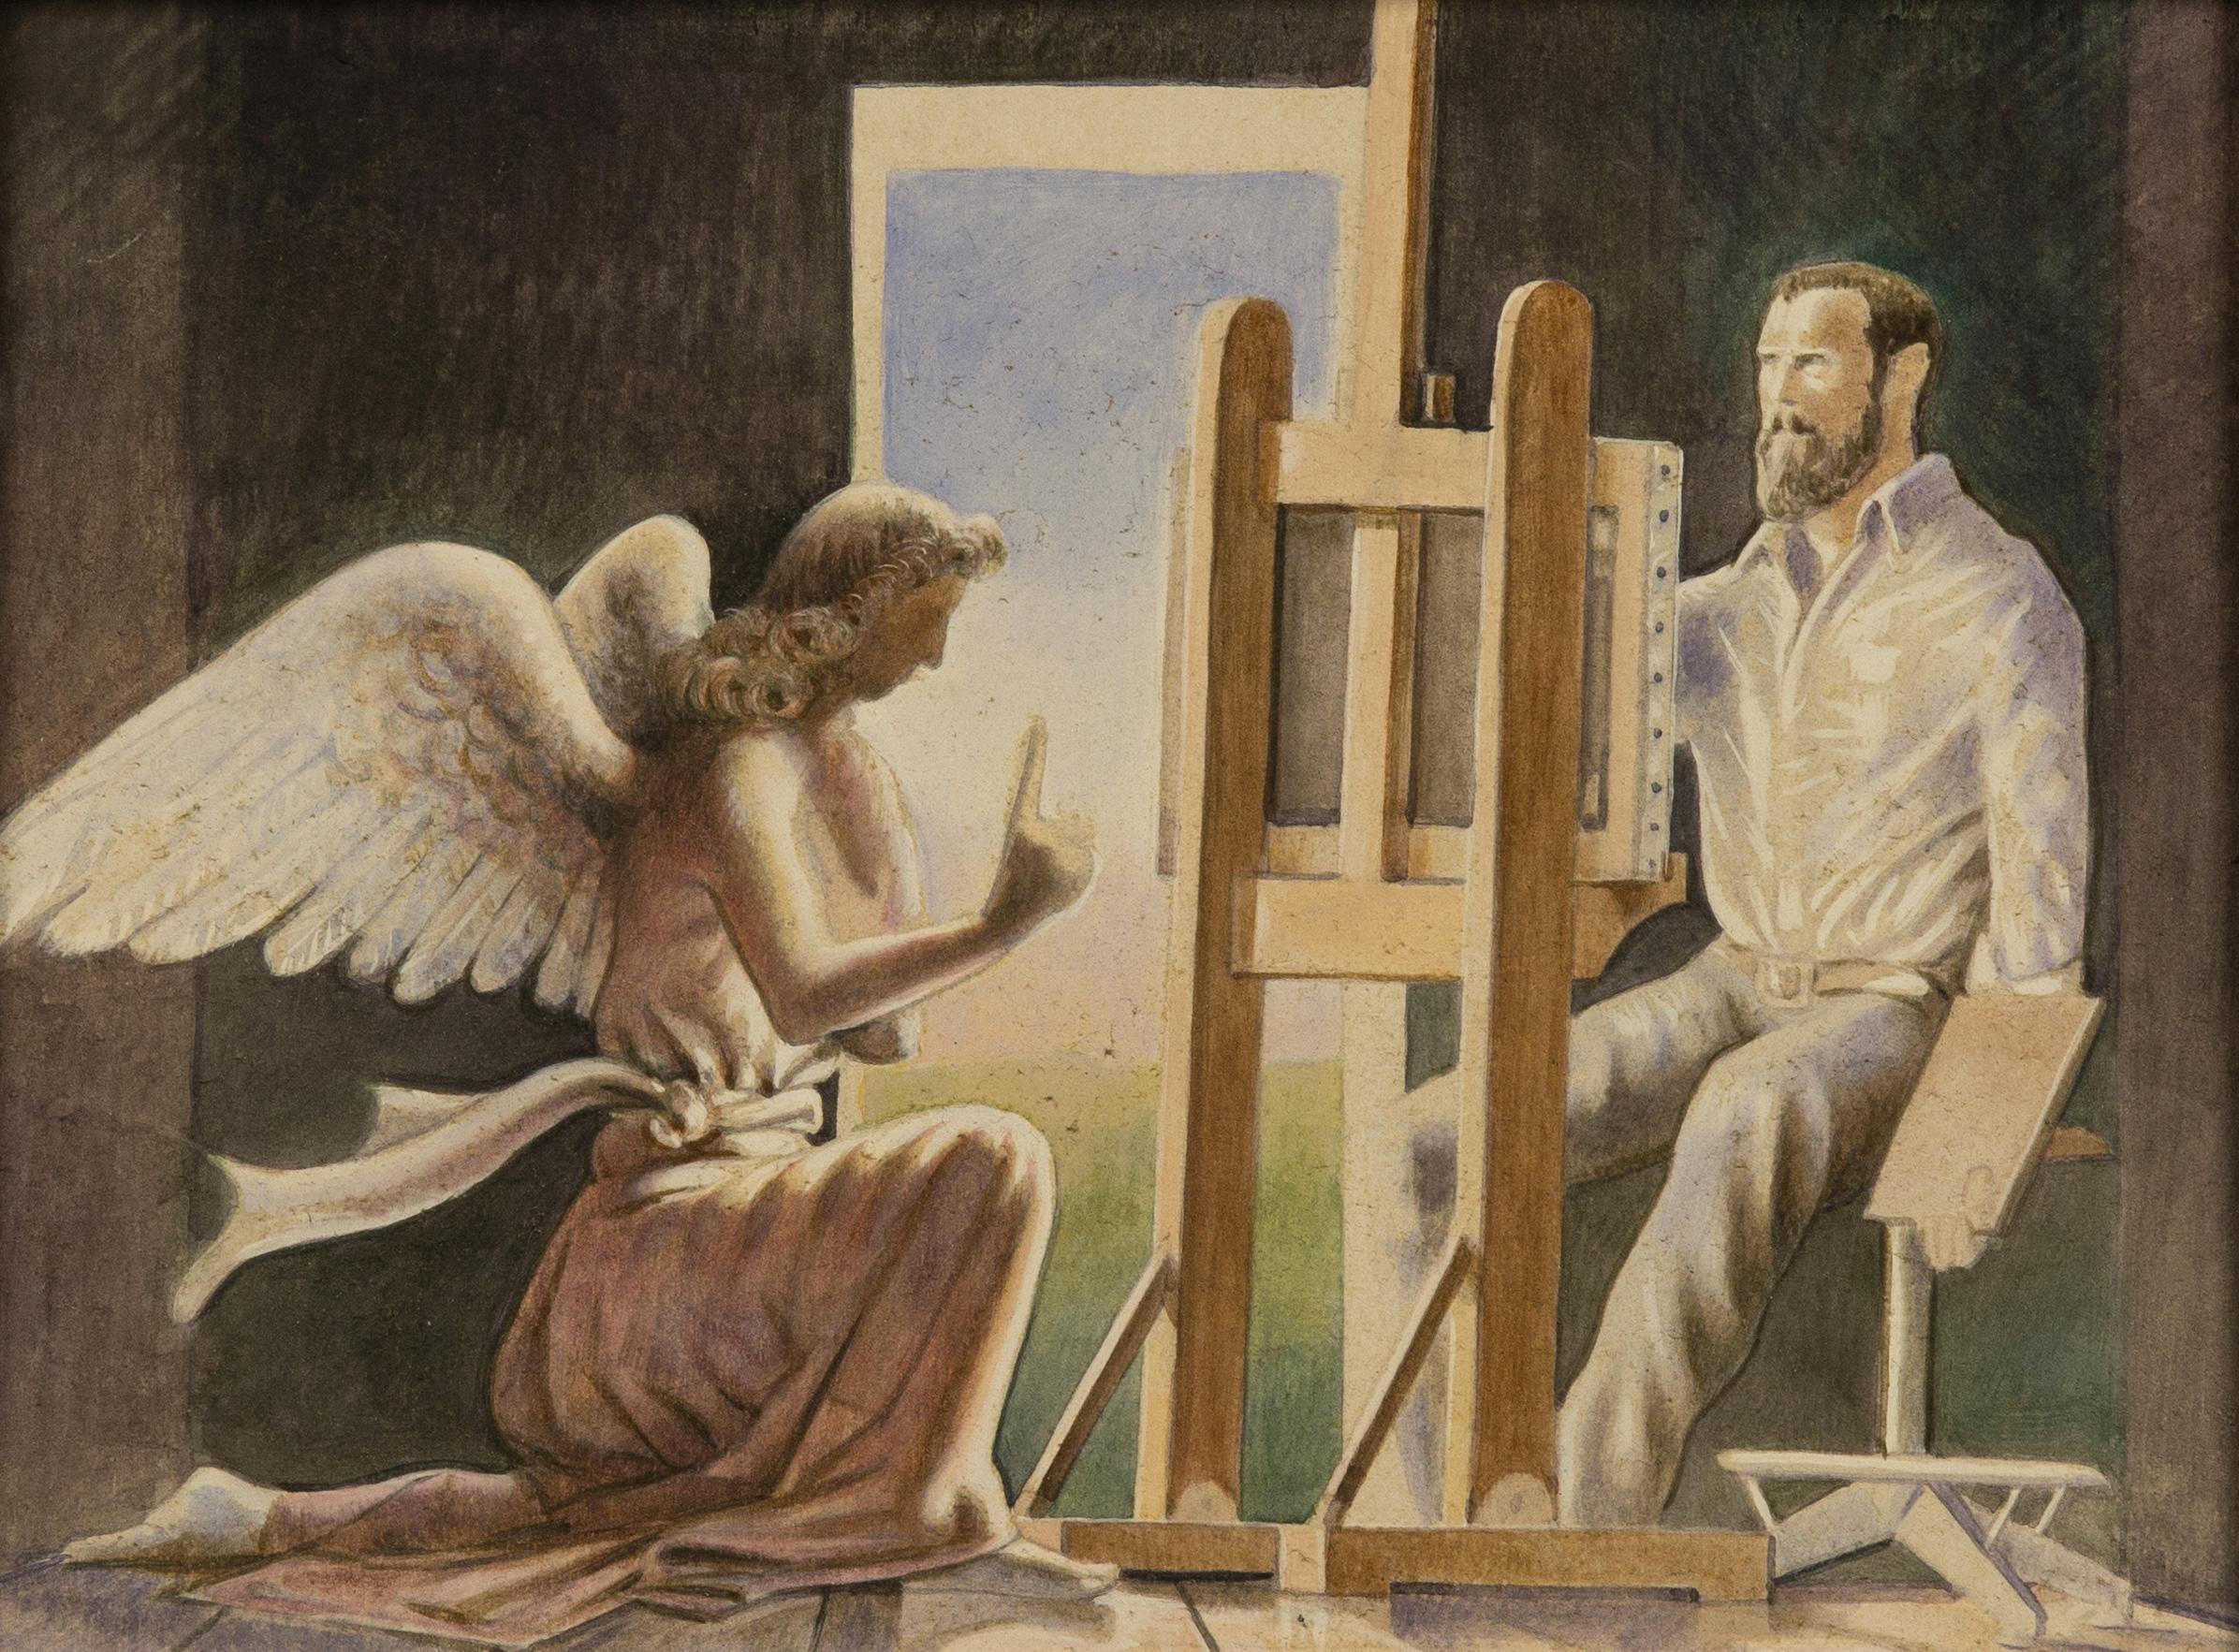 L'angelo nello studio dell'artista , acquerello su tavola, cm 18x24, 2004